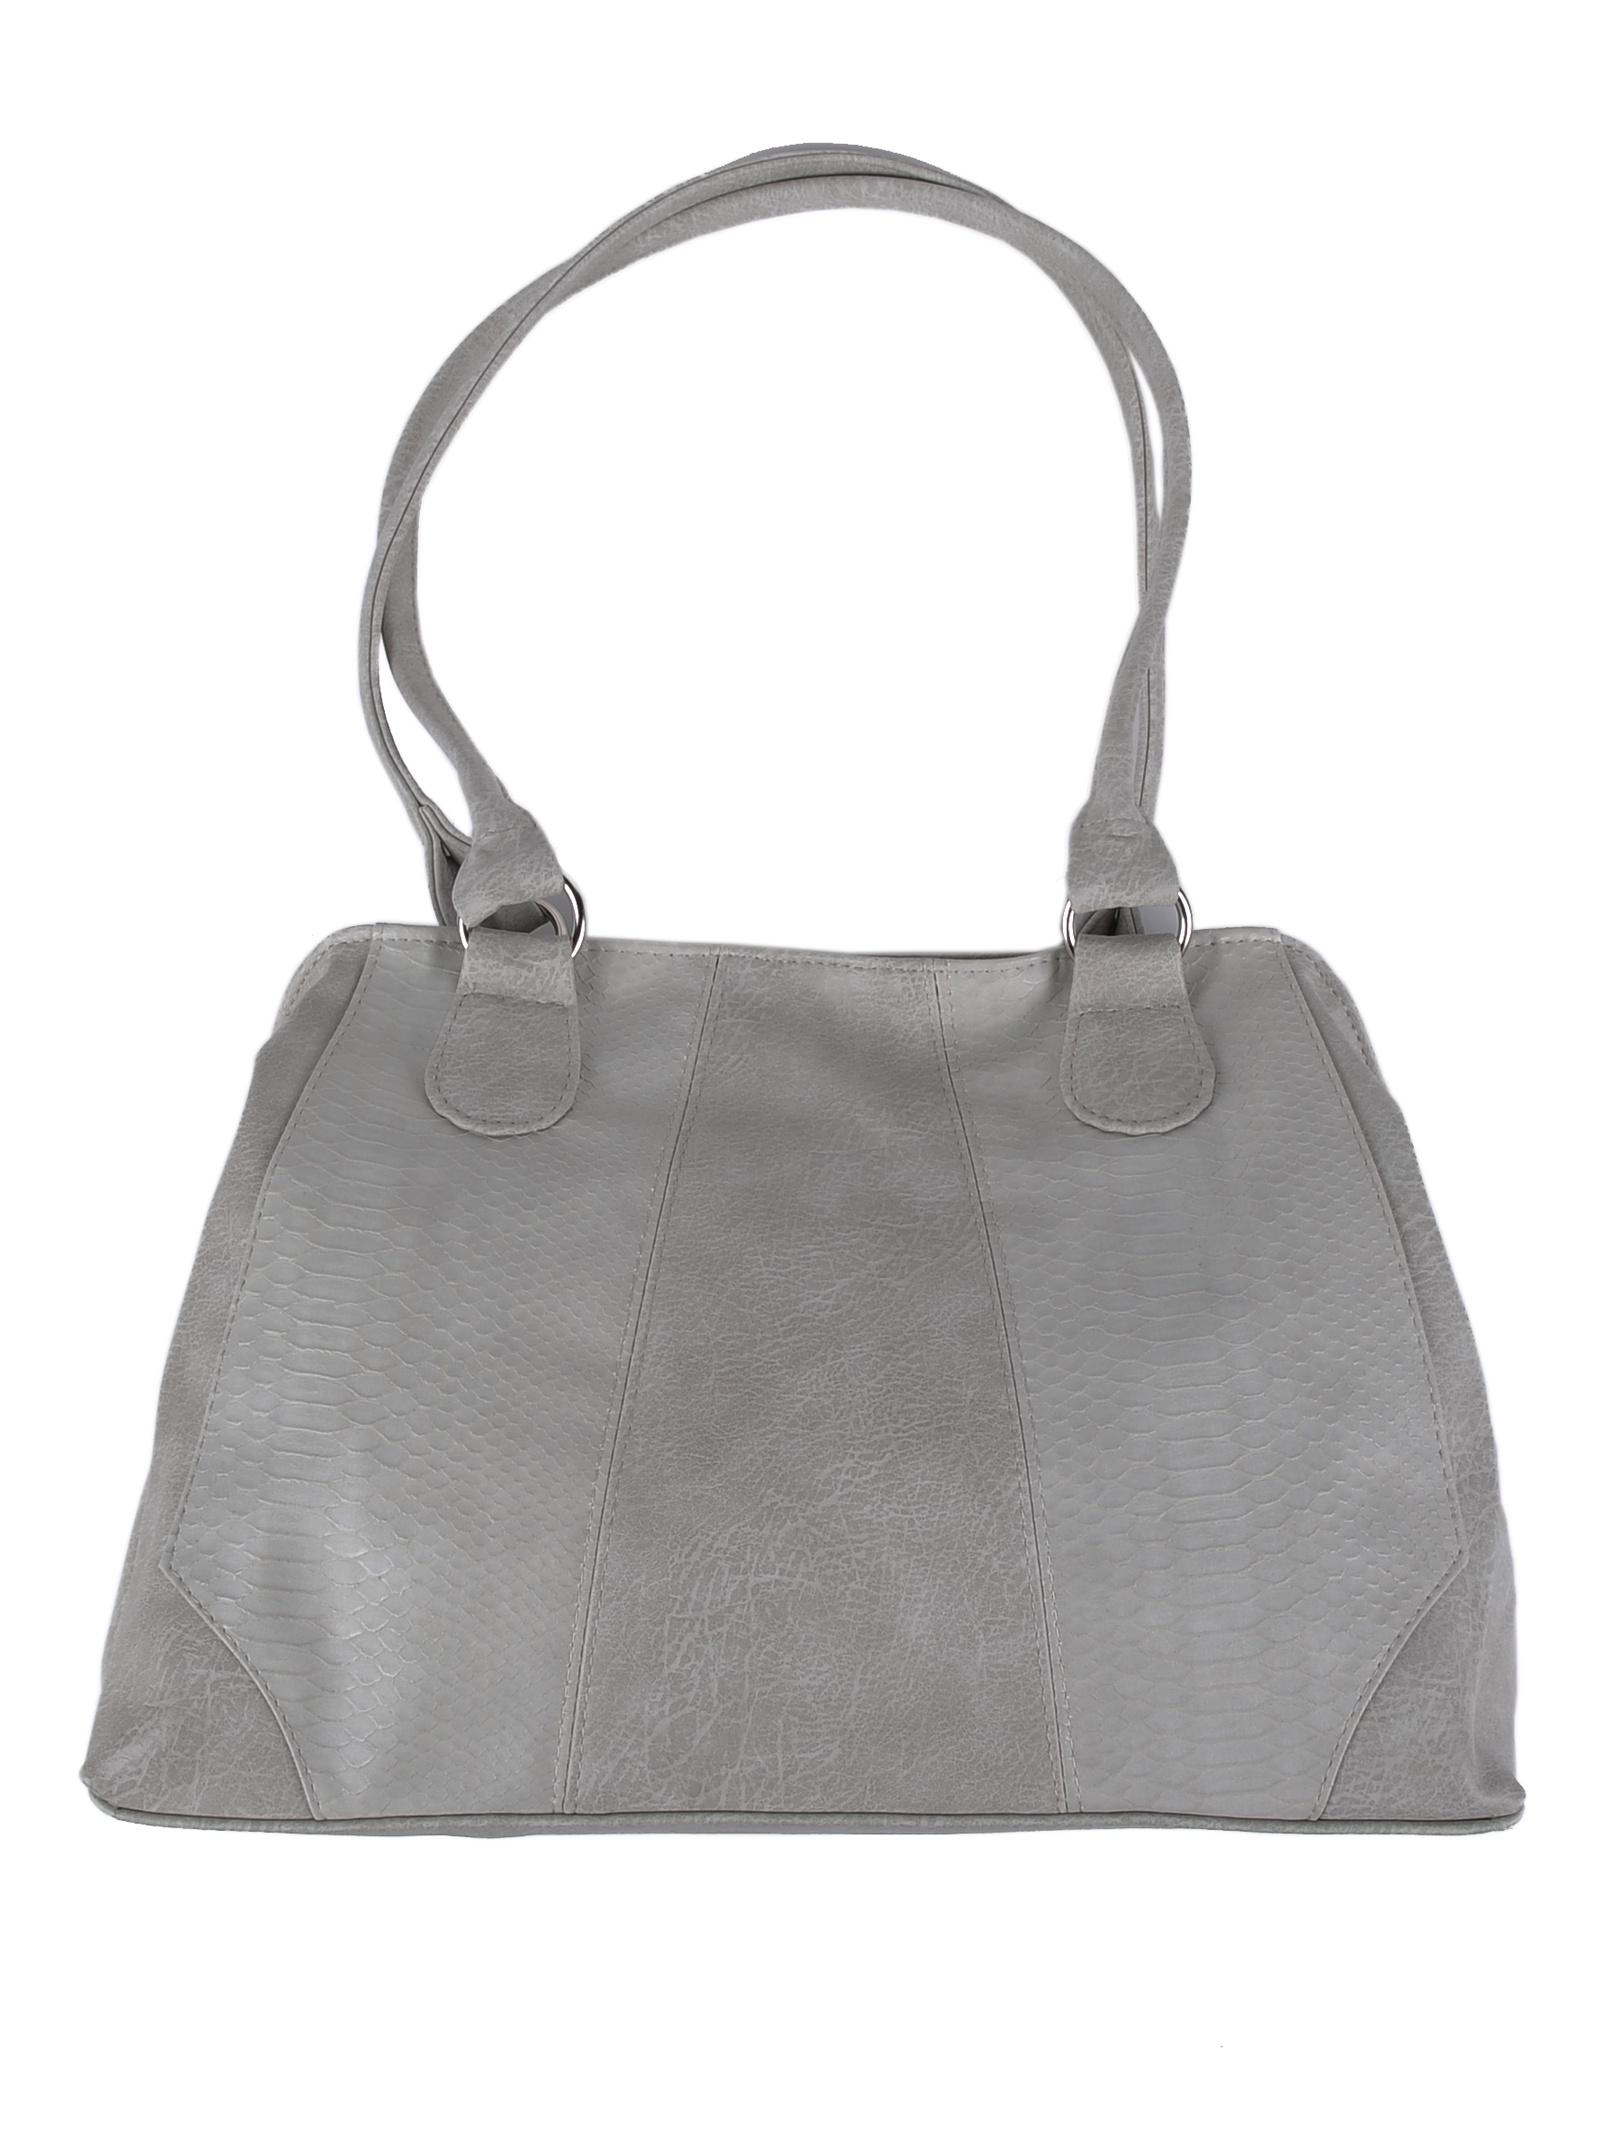 Сумка Мастер Дизайн 131 L GREY grey rept, серый сумка rosetti rh0033 grey